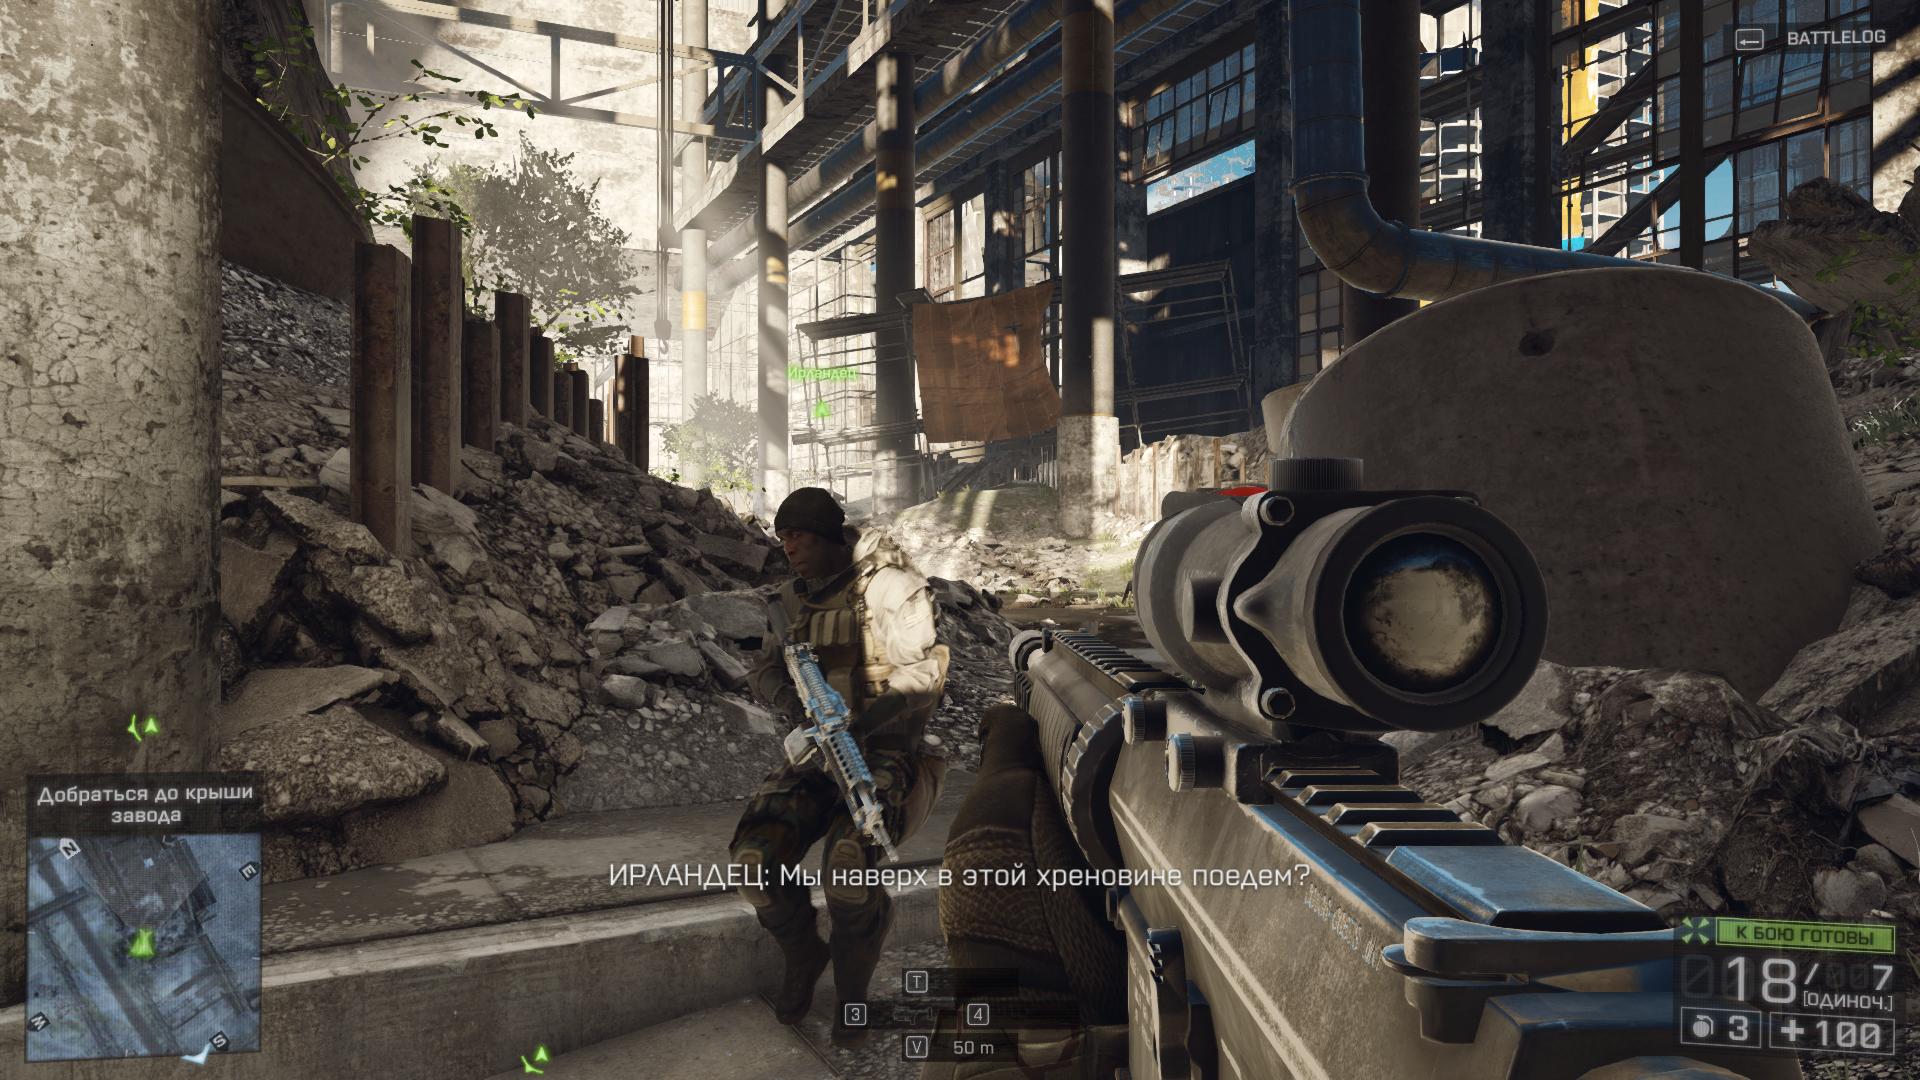 Снимок экрана (23).png - Battlefield 4